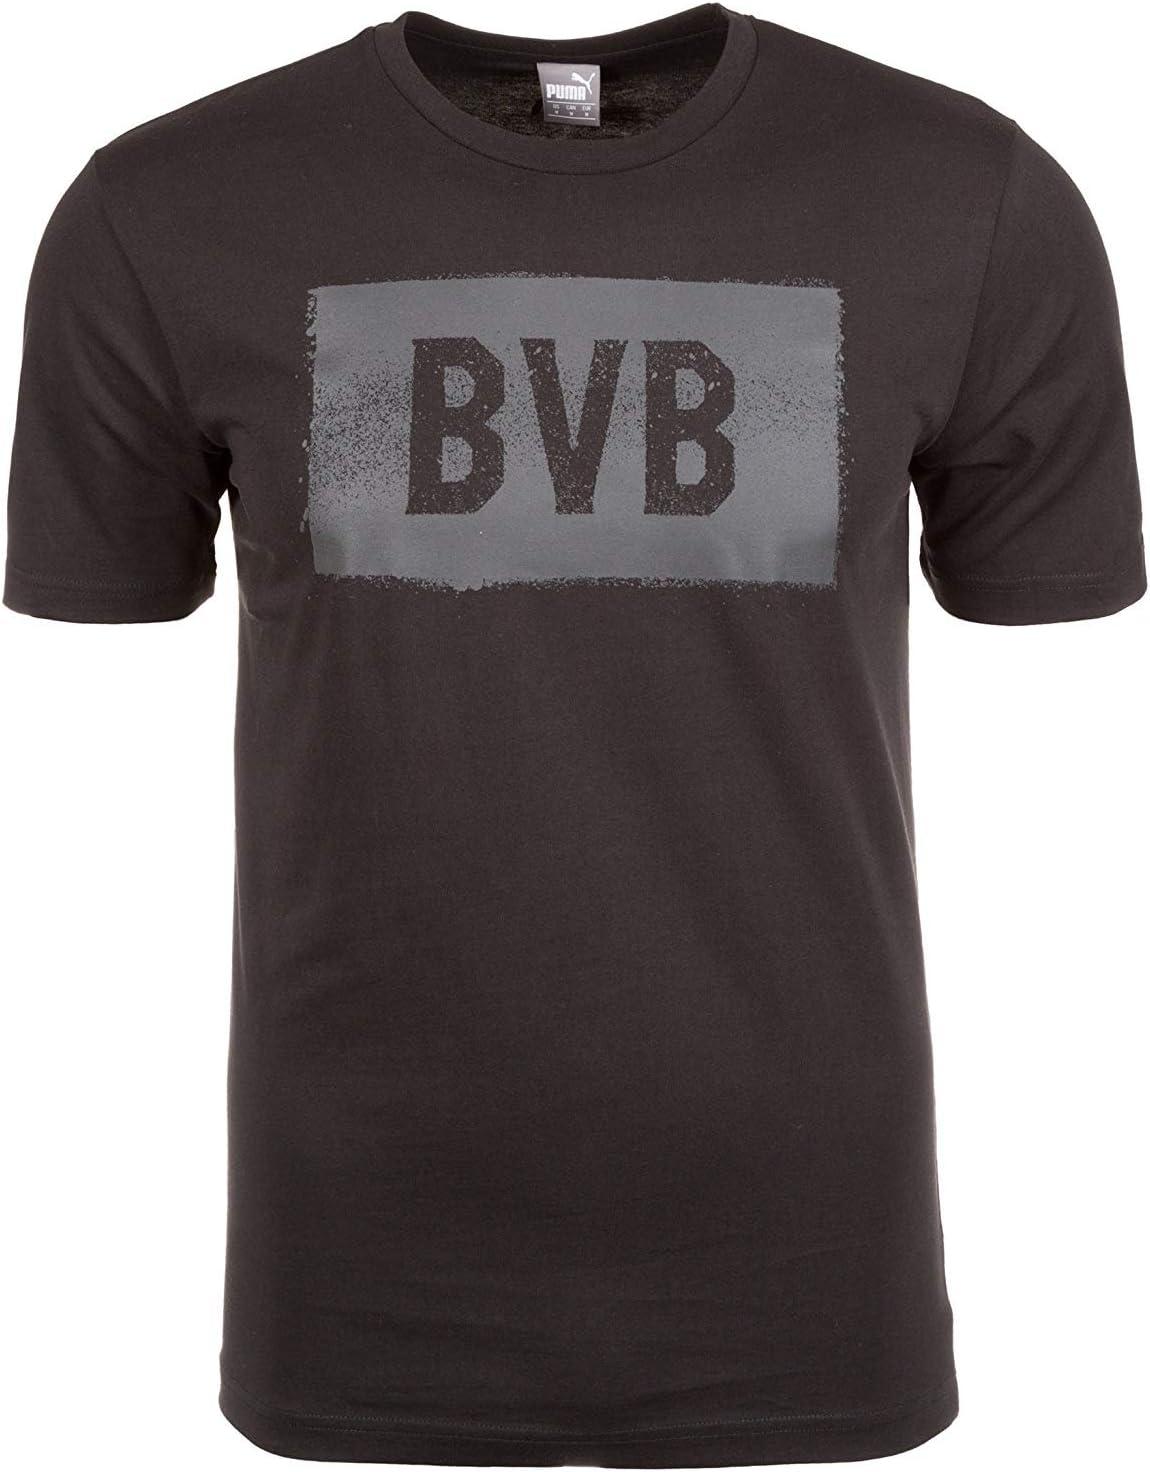 Borussia Dortmund 09 Stencil – Camiseta, Negro, Medium: Amazon.es ...